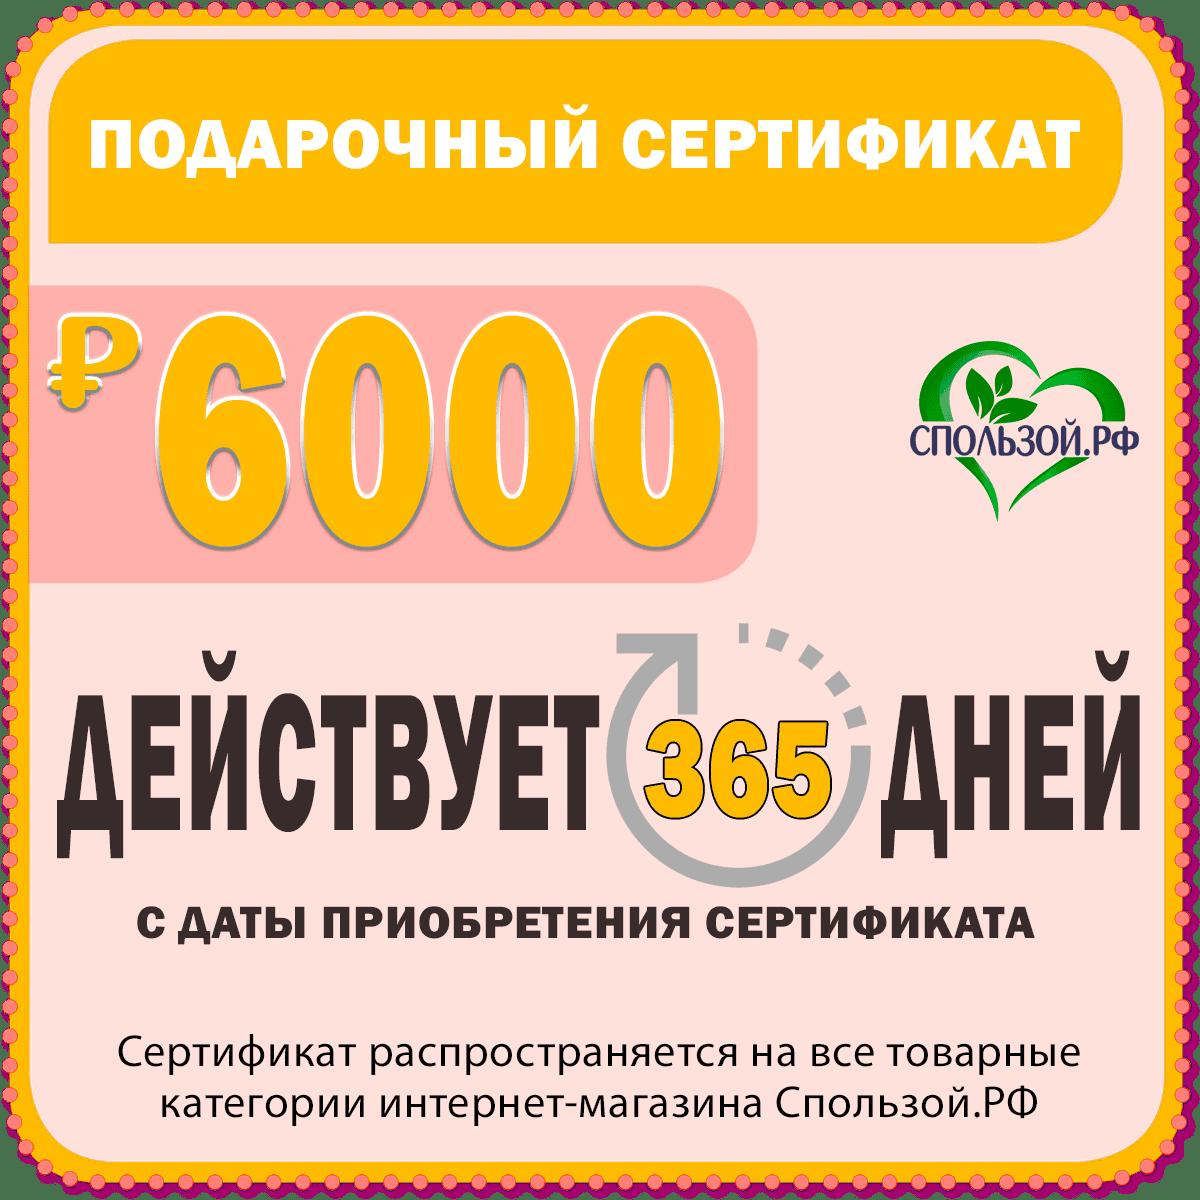 discount certificate 6000 rubles